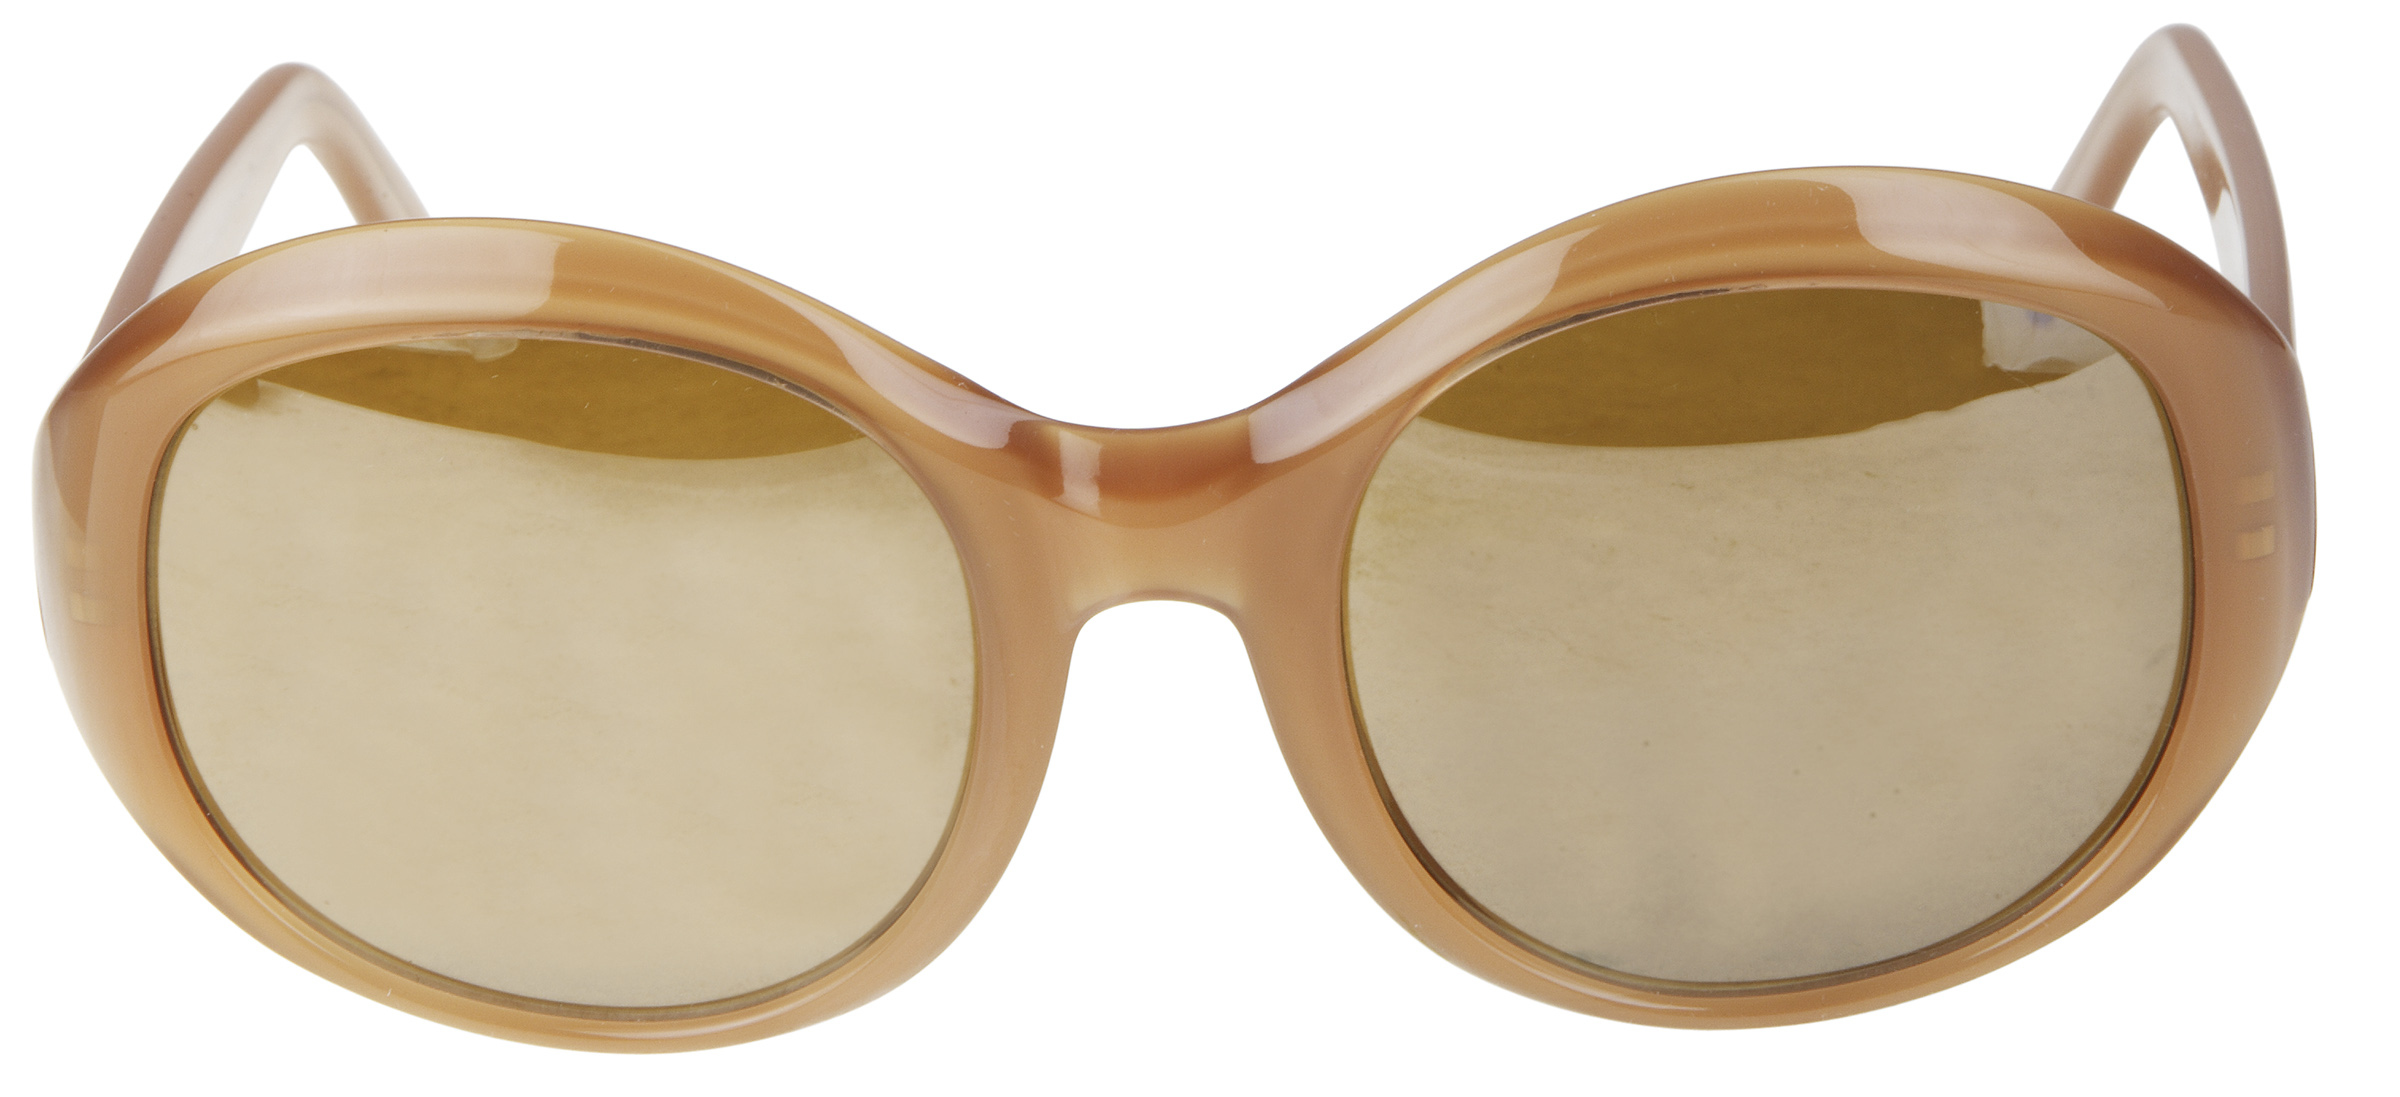 06789cc970 Cómo reparar rasguños en las gafas de sol